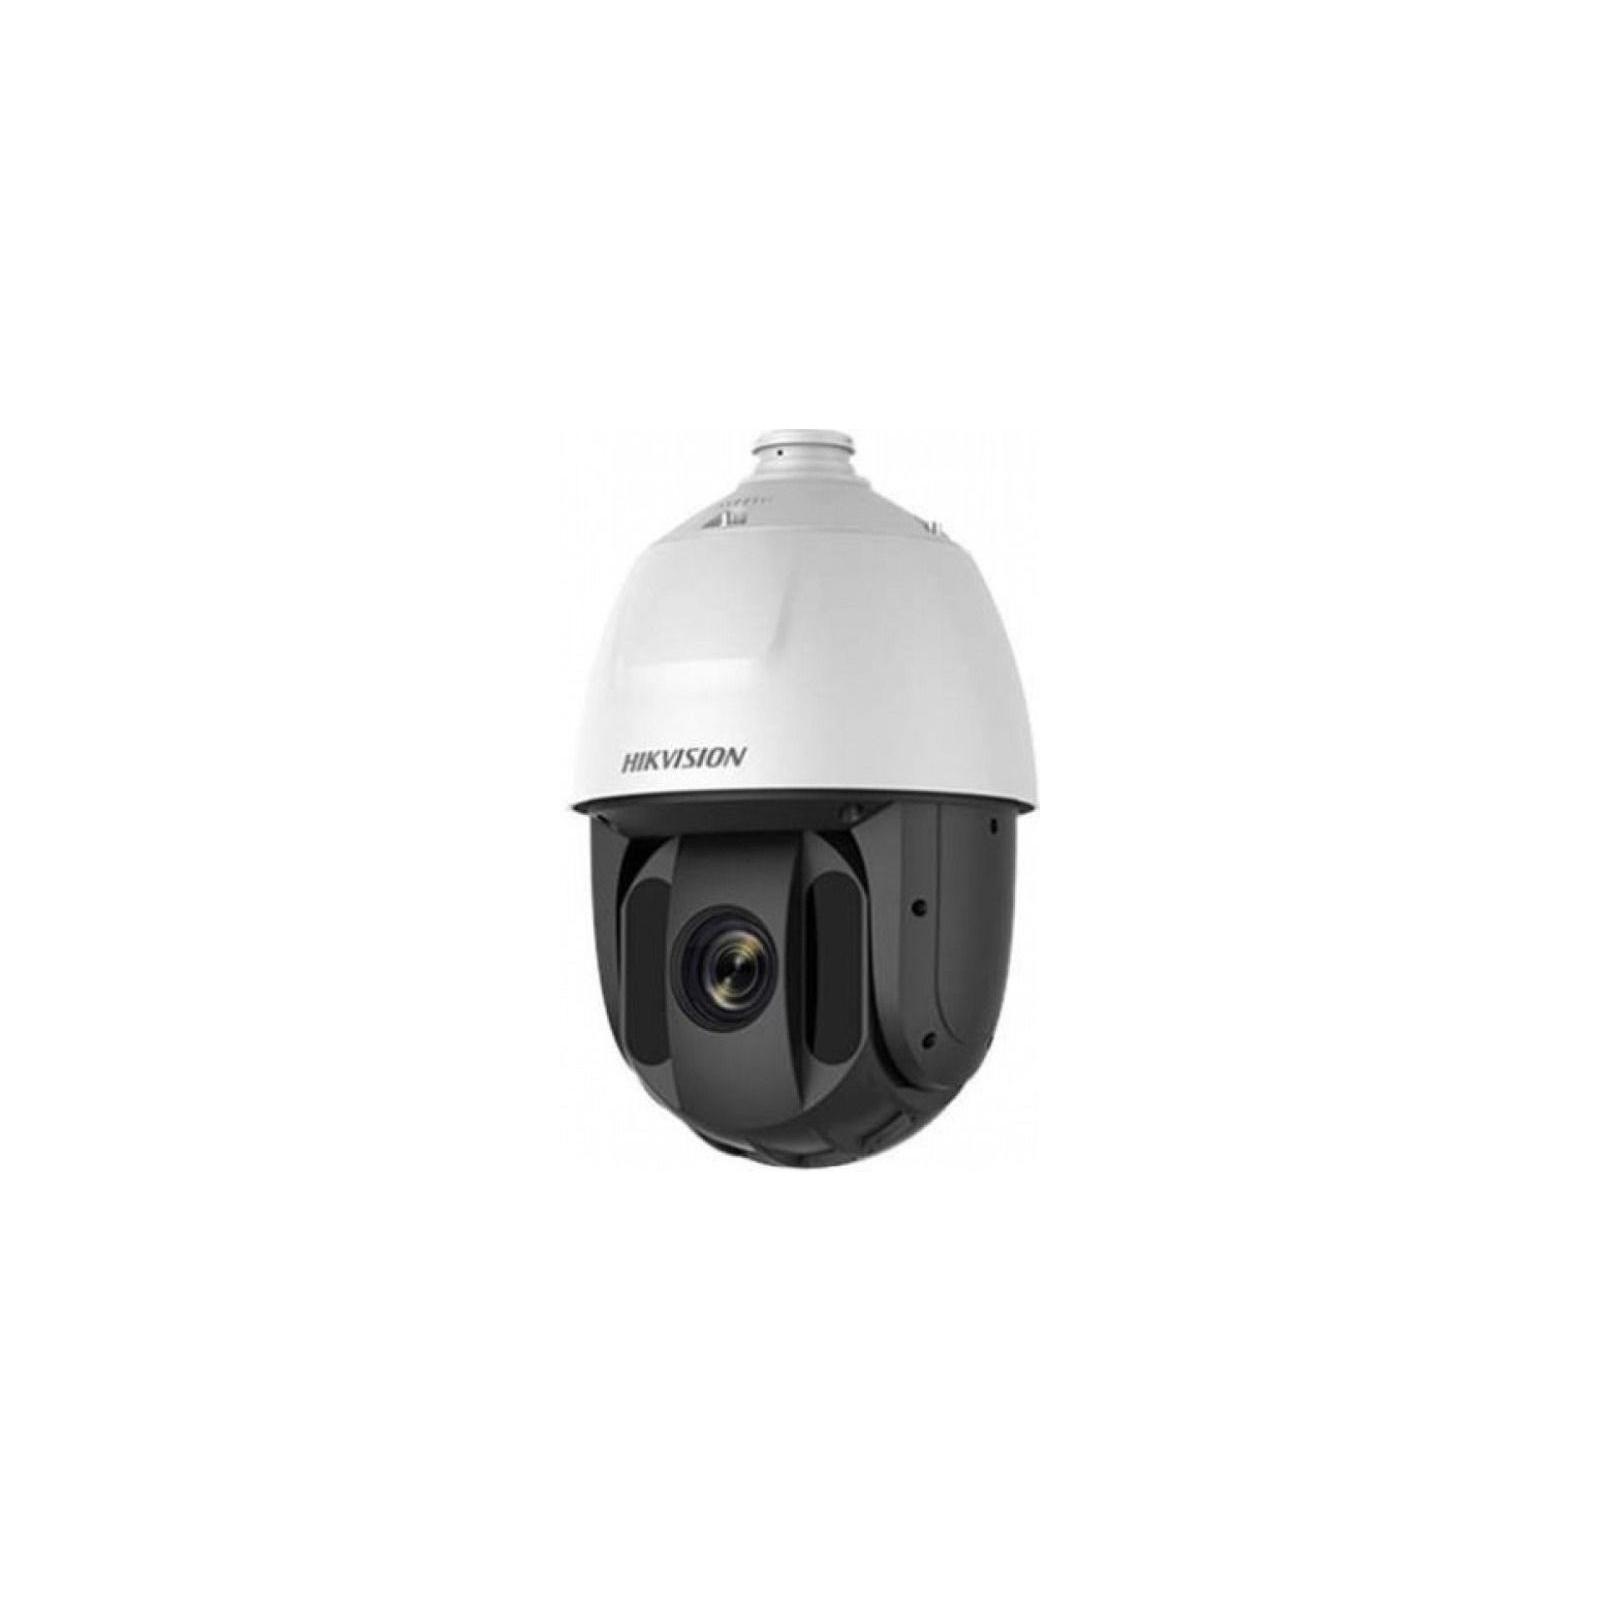 Камера видеонаблюдения Hikvision DS-2DE5425IW-AE (PTZ 25x) изображение 3